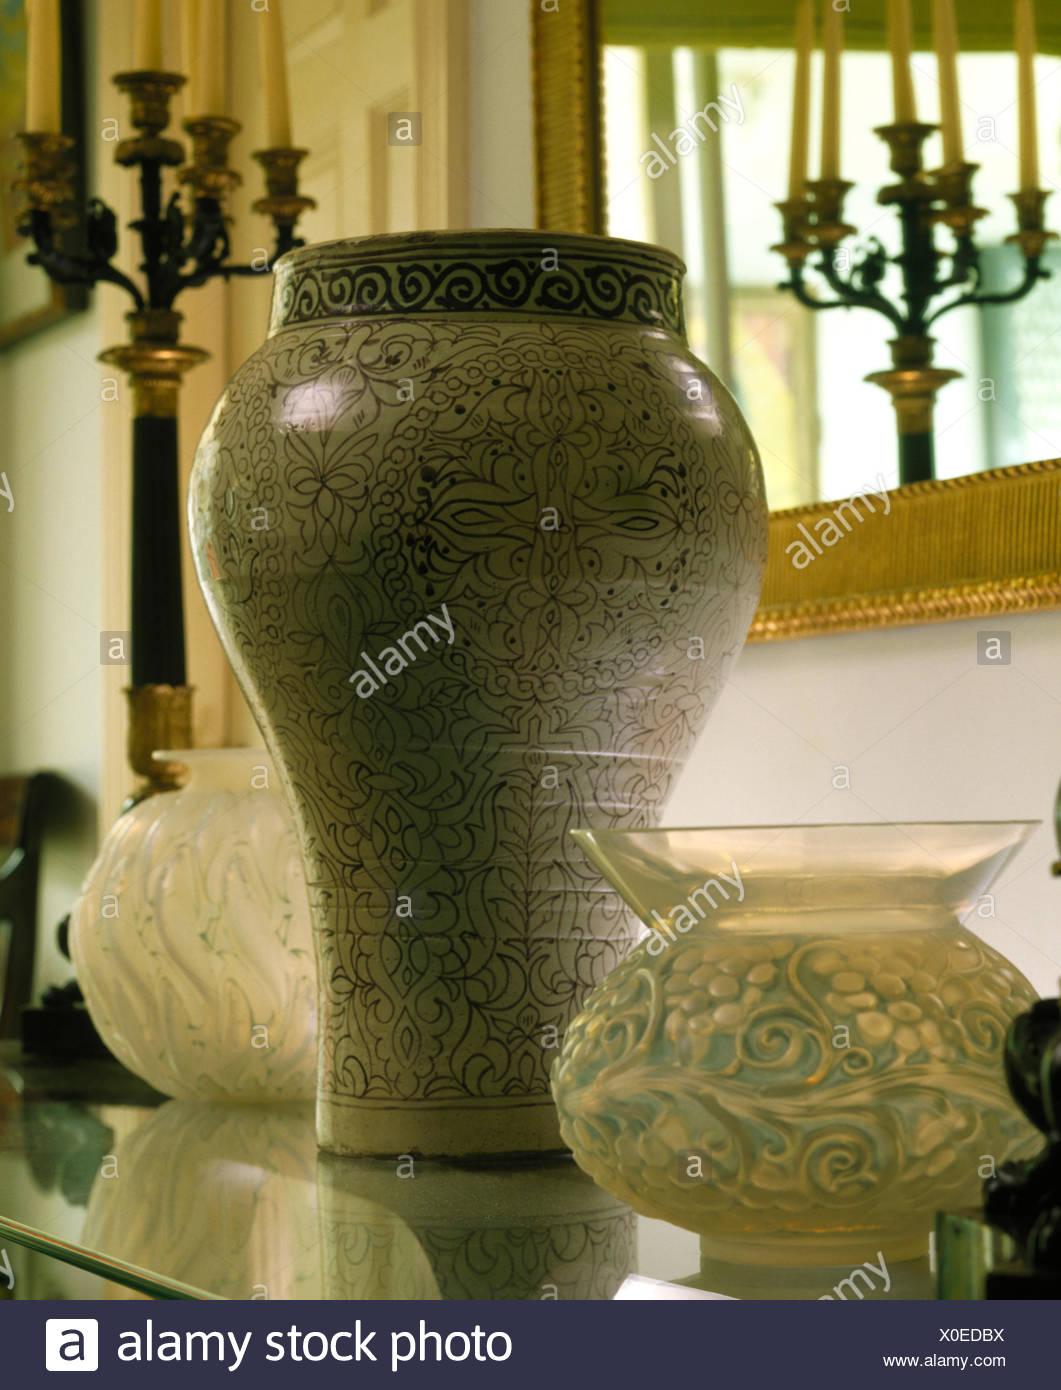 Art nouveau glass stock photos art nouveau glass stock images tall ceramic pot with art nouveau glass vases stock image reviewsmspy